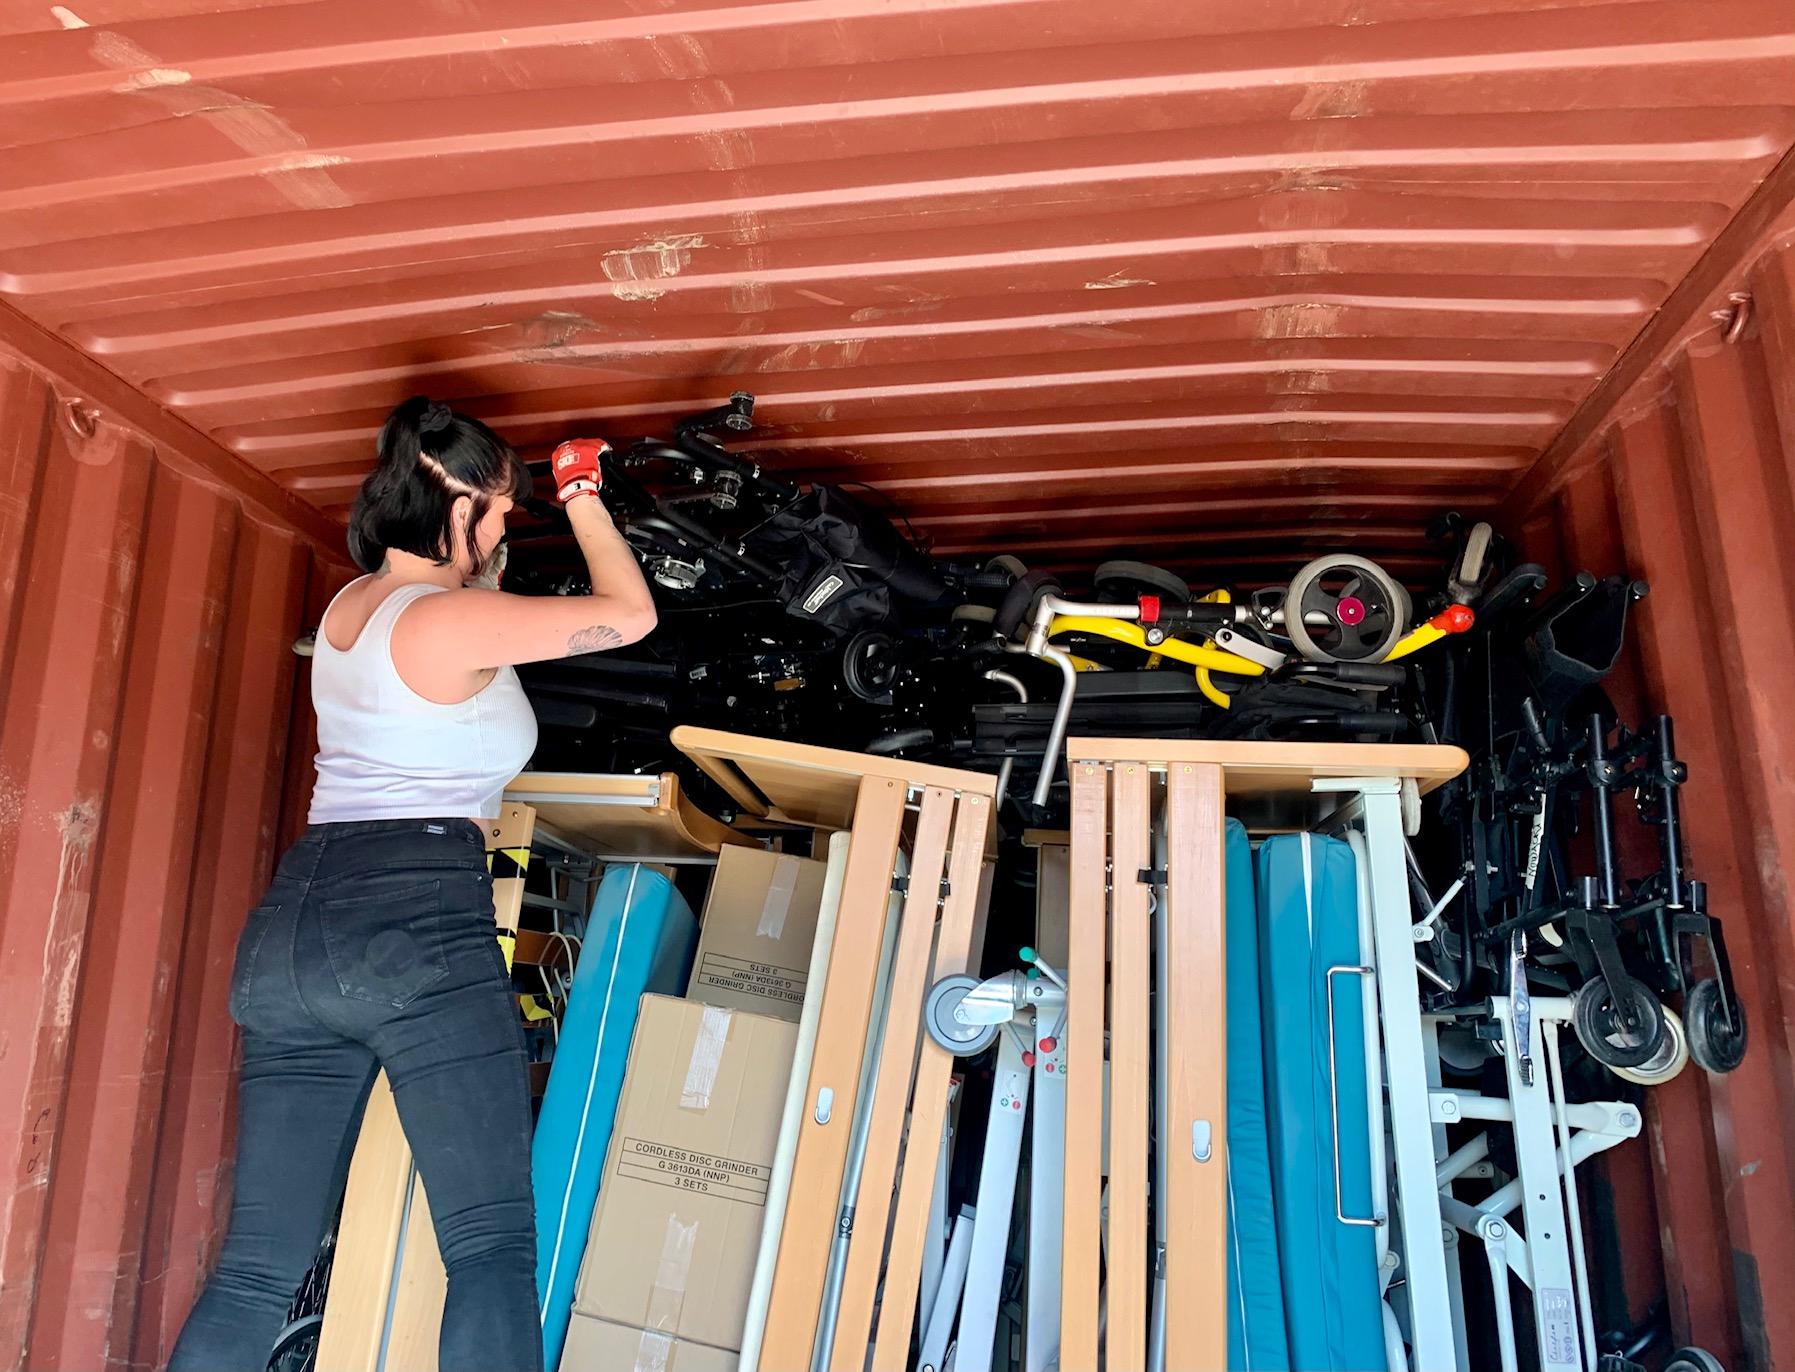 Kjerstin løfter på plass utstyr inne i en container